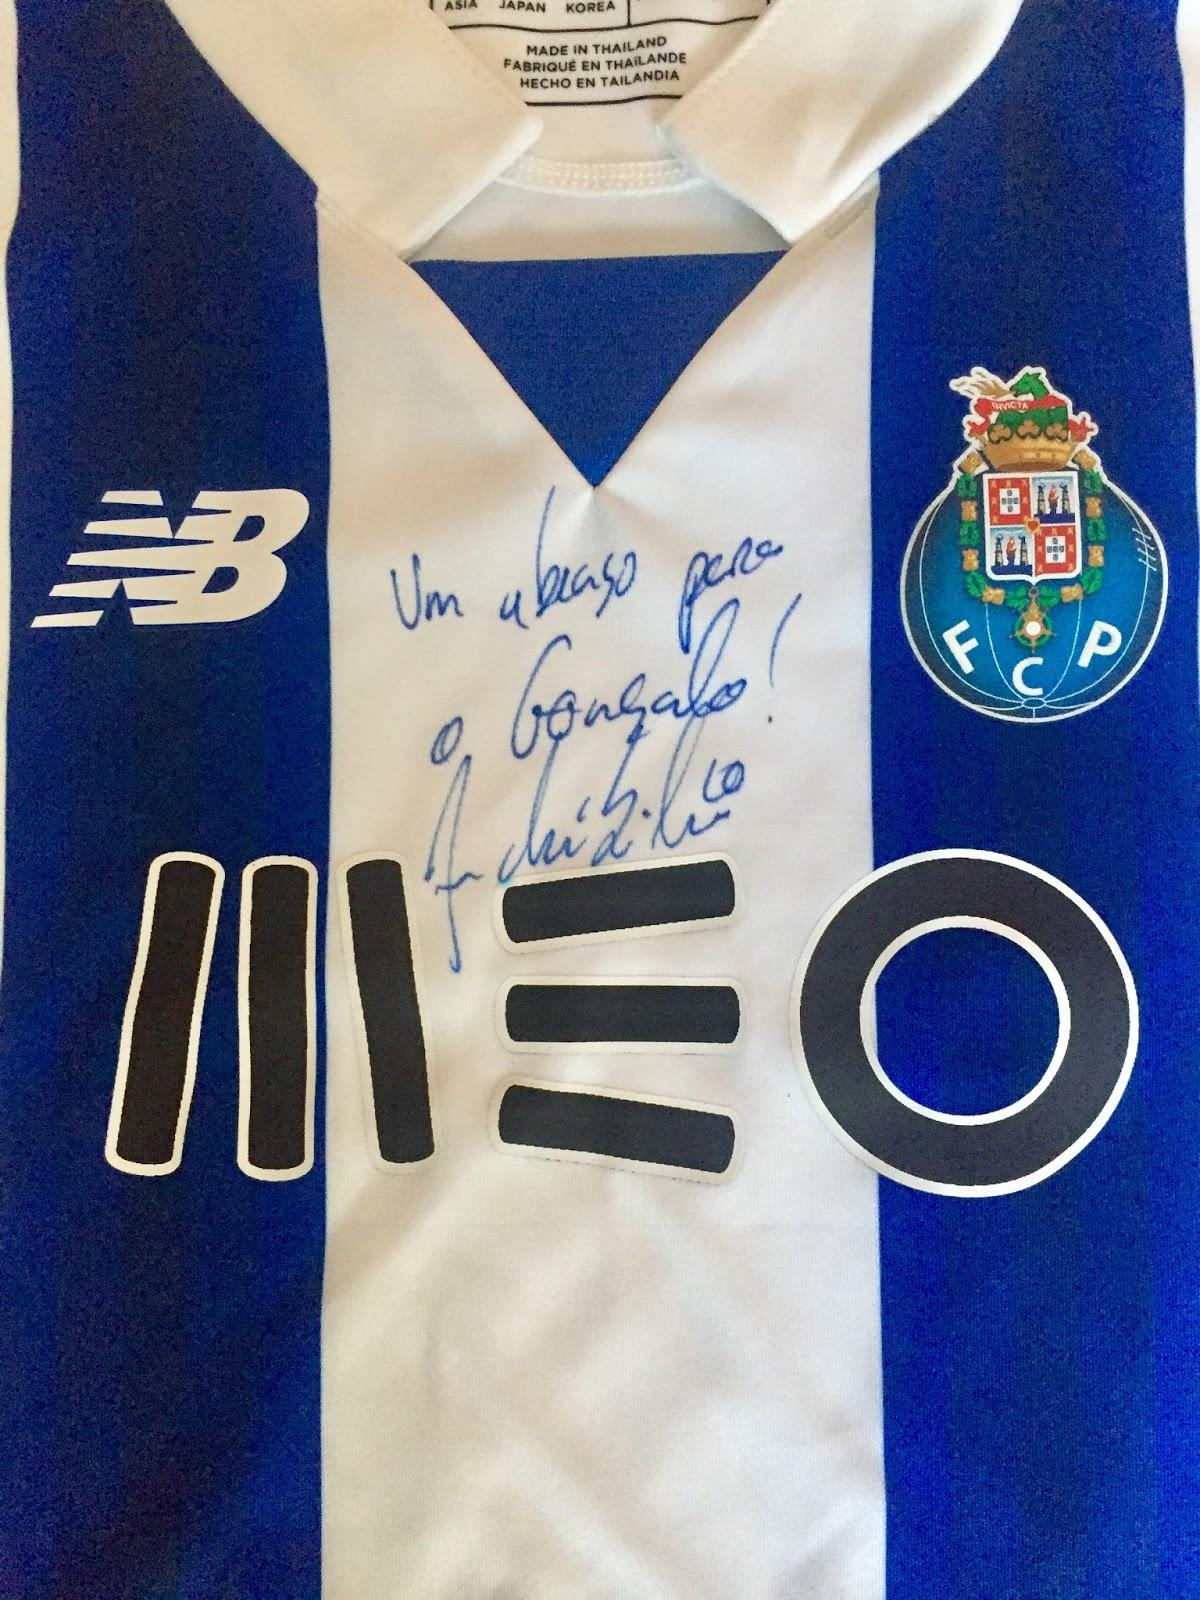 Camisola do FC Porto (dum dos meus netos) autografada por André Silva dbbff4569f103